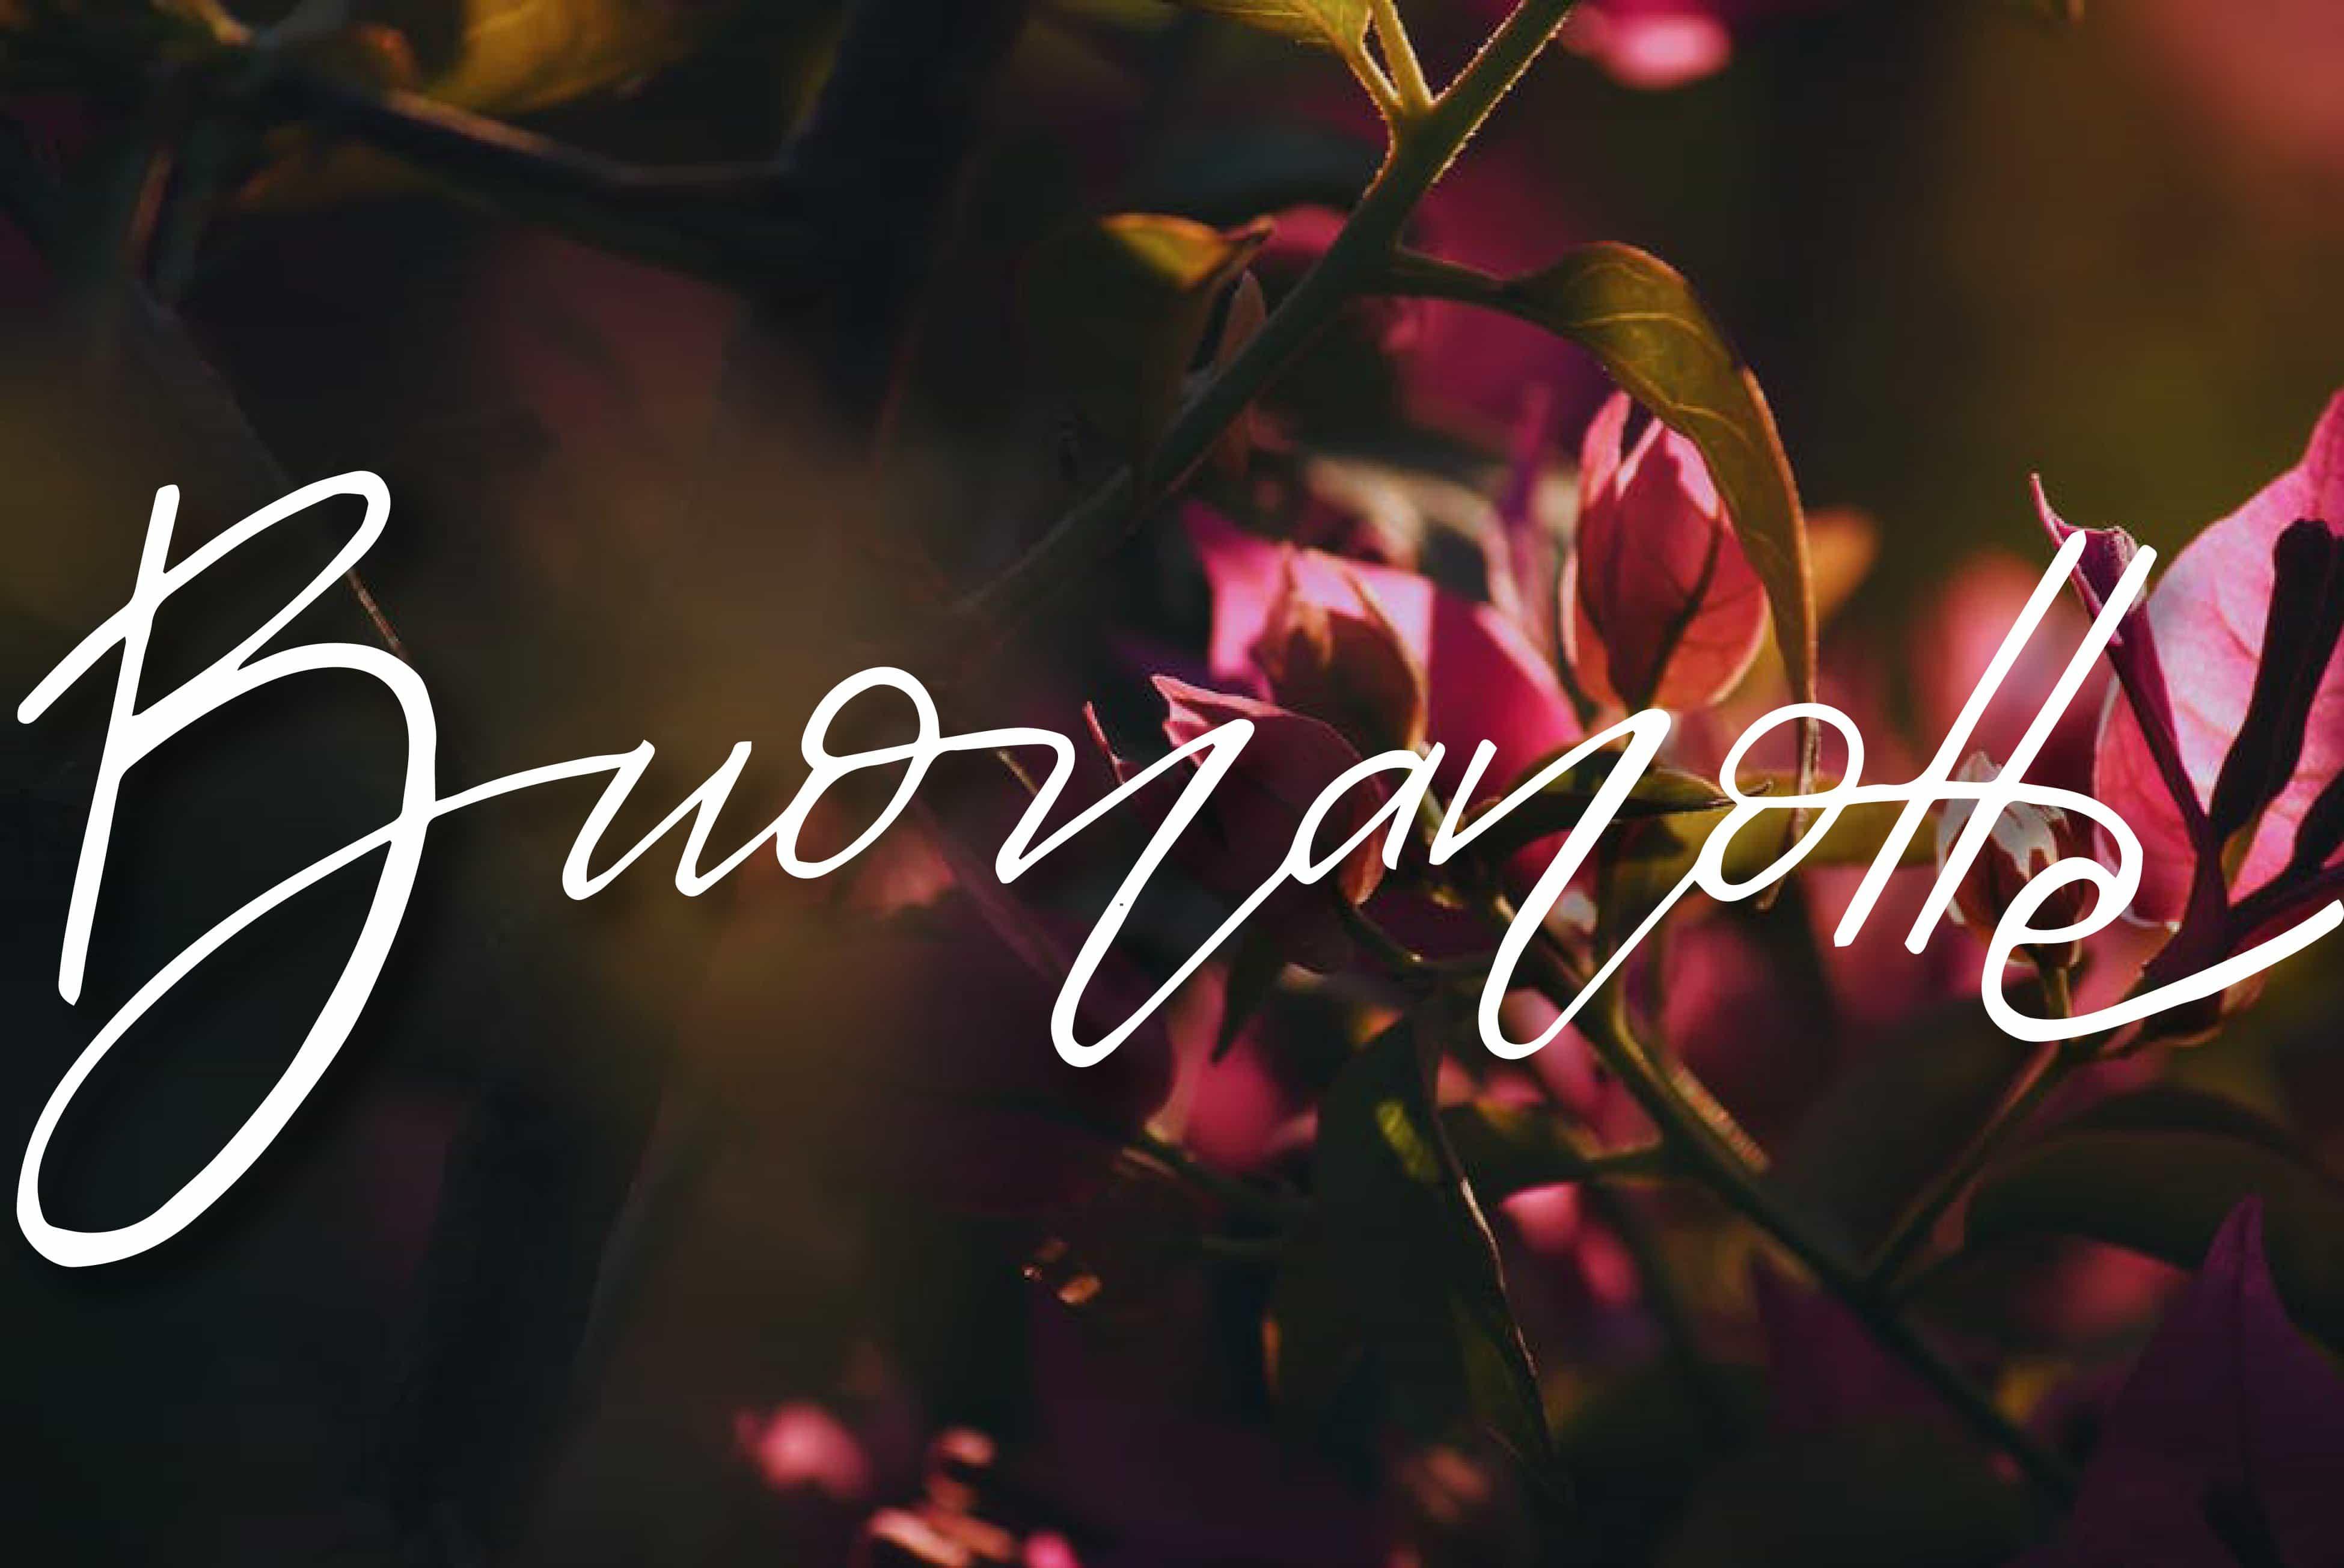 buonanotte nuova immagine, buonanotte foto con i fiori